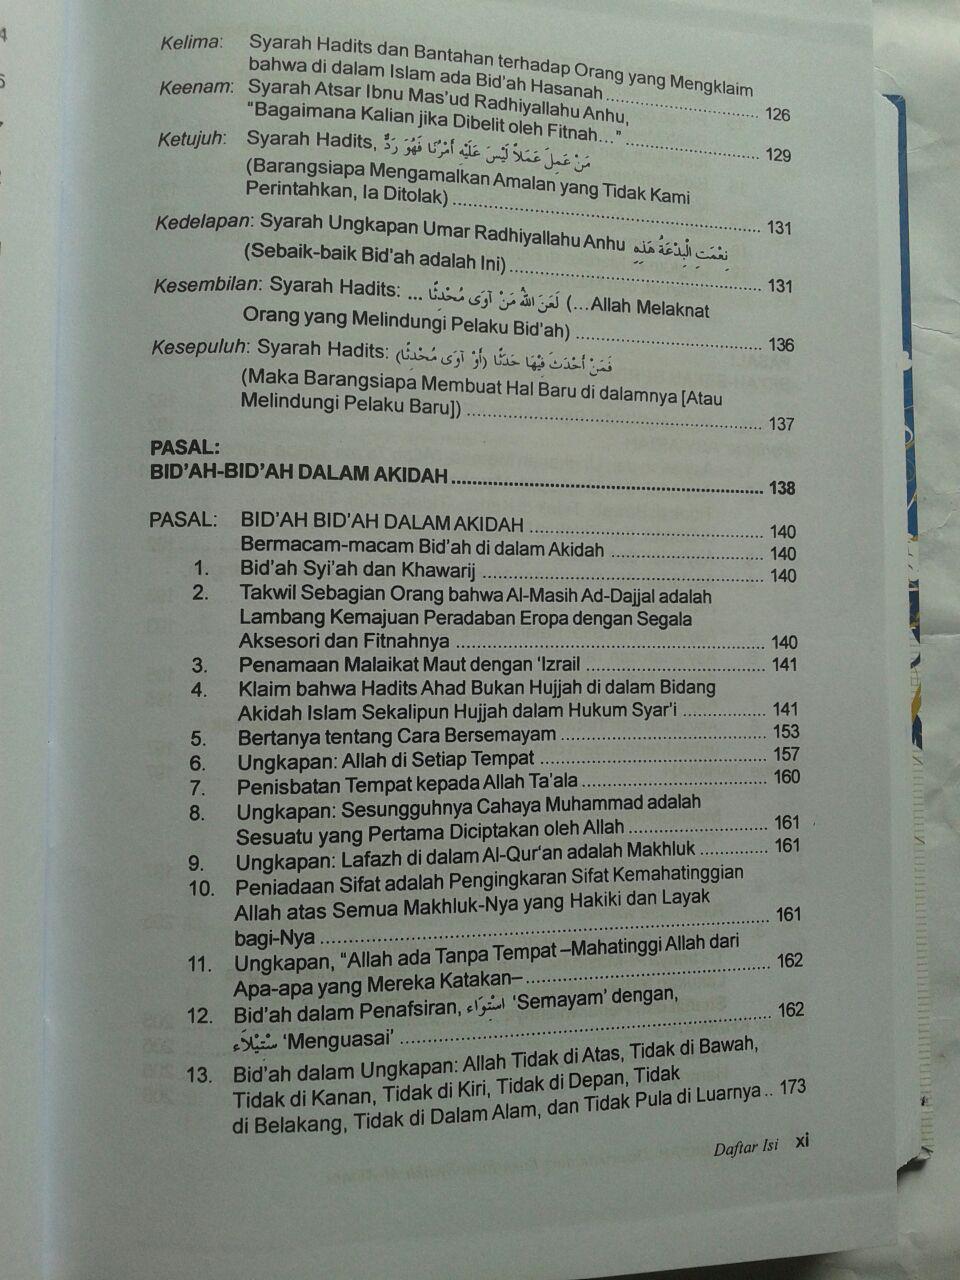 Buku Kamus Bid'ah Disarikan Dari Buku Buku Syaikh Al-Albani 240,000 20% 192,000 isi 4